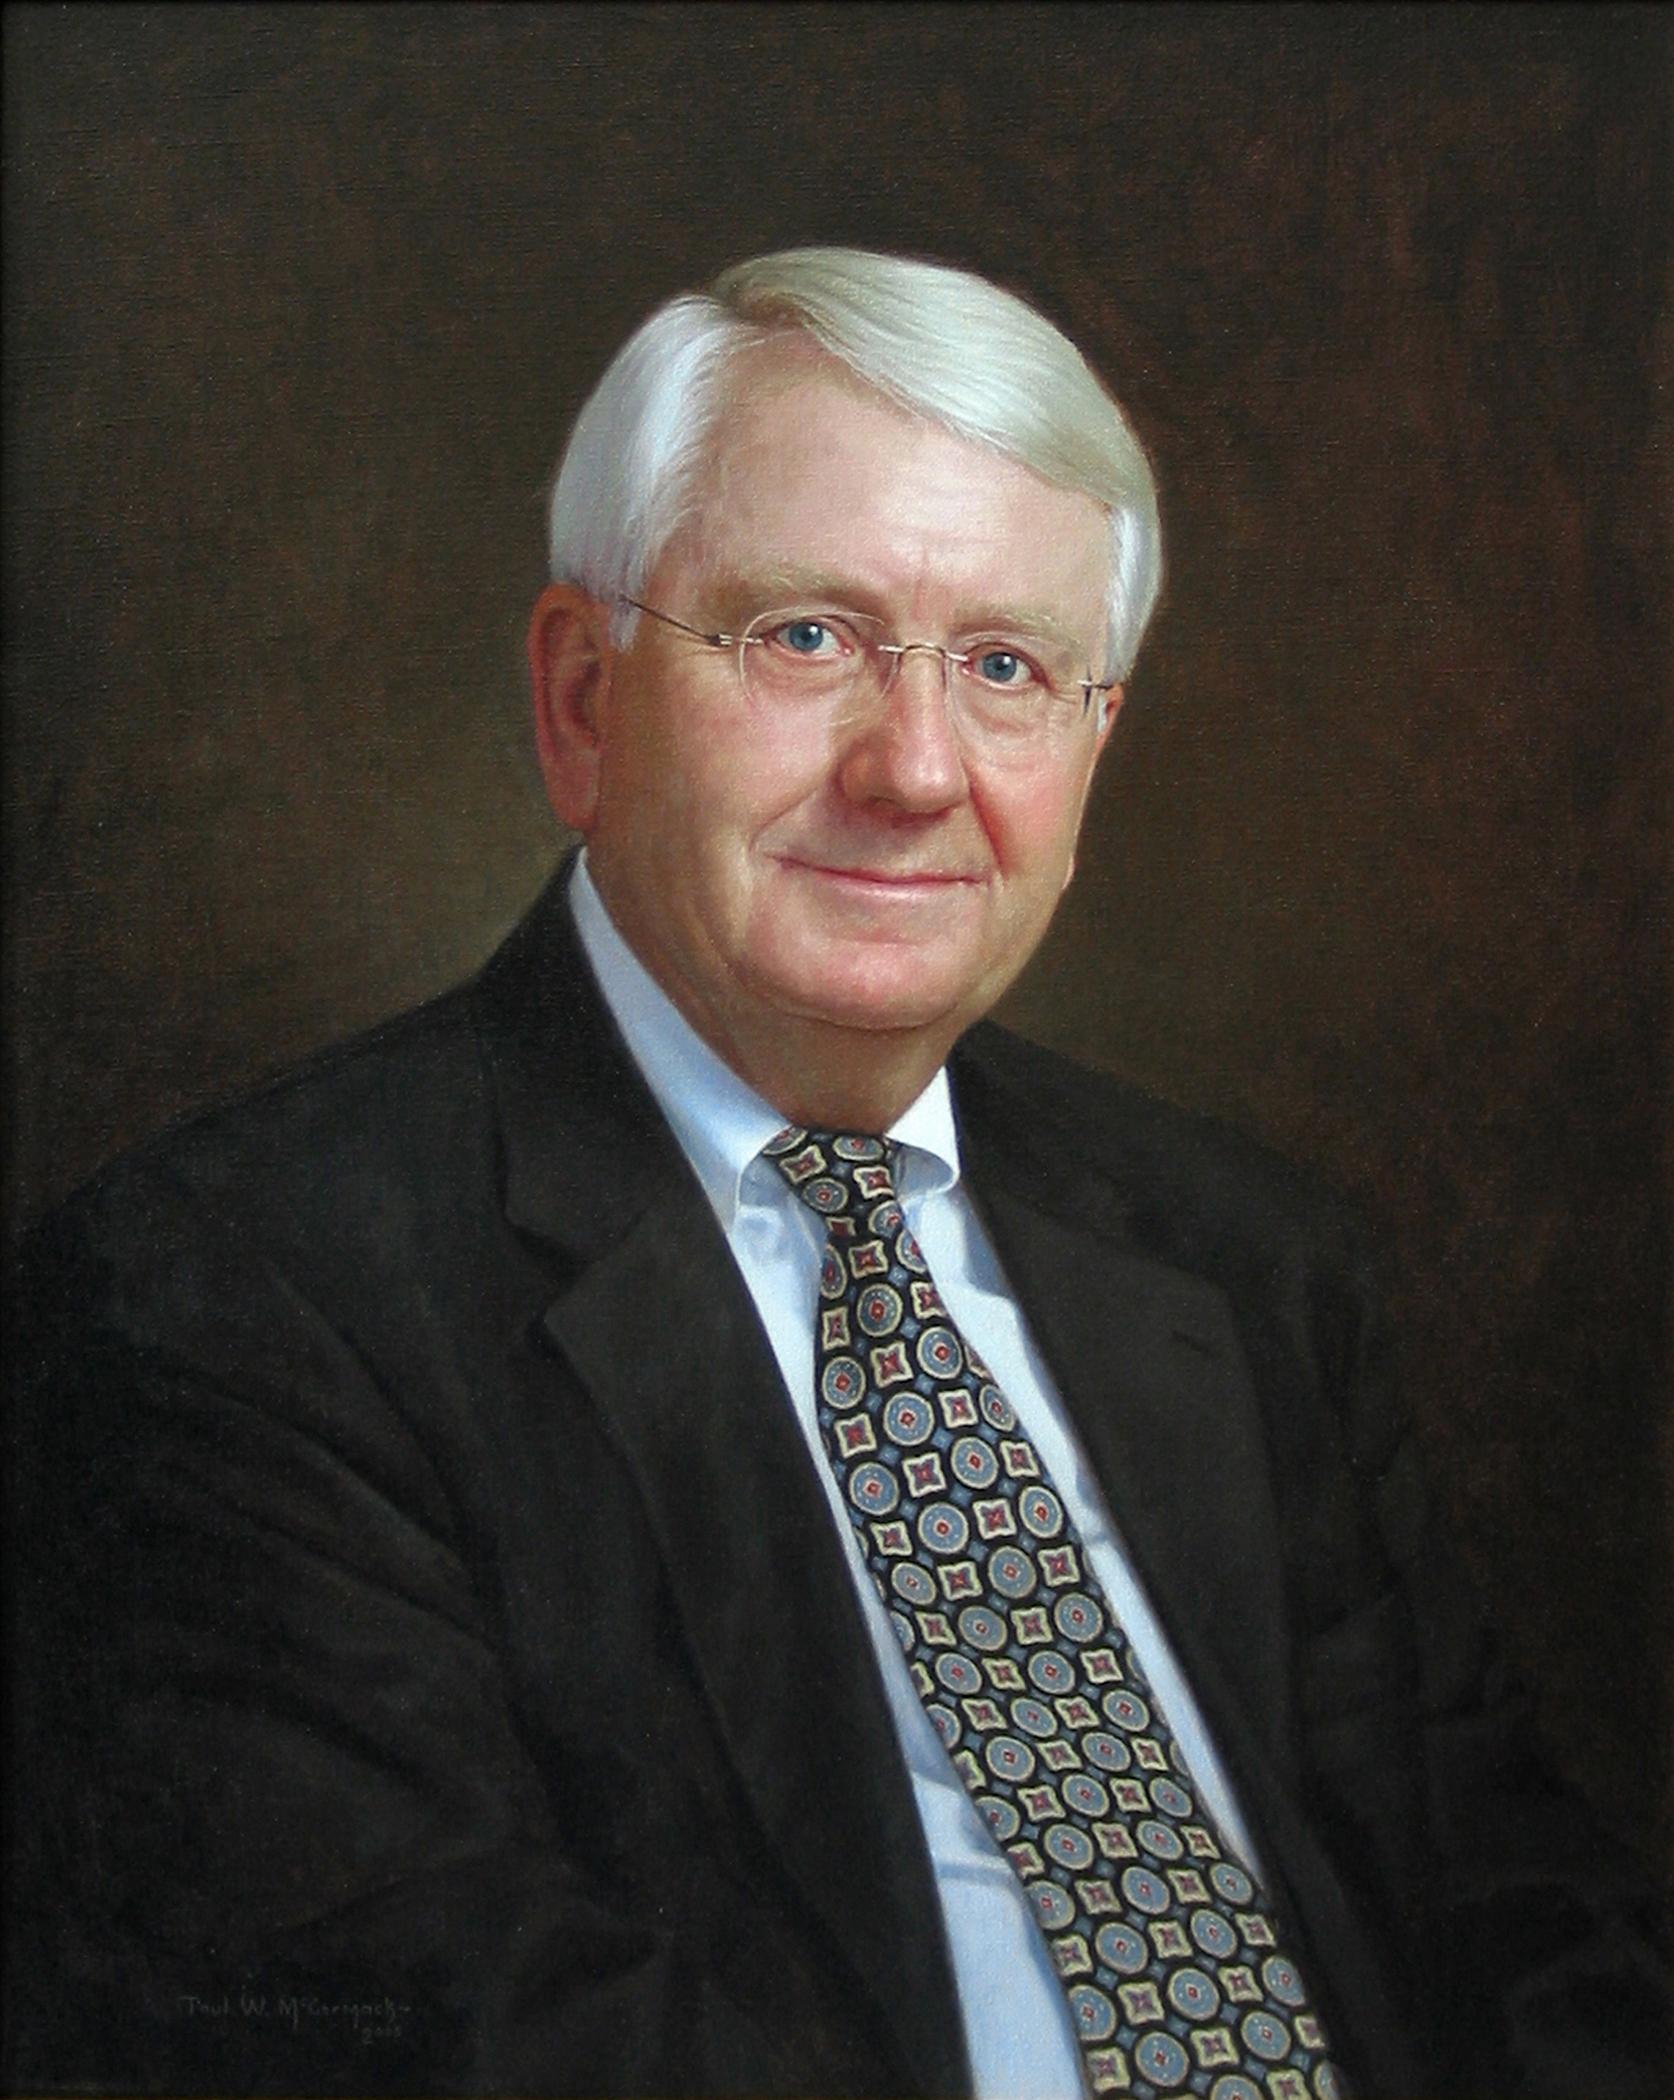 Dr. Robert Stoelting